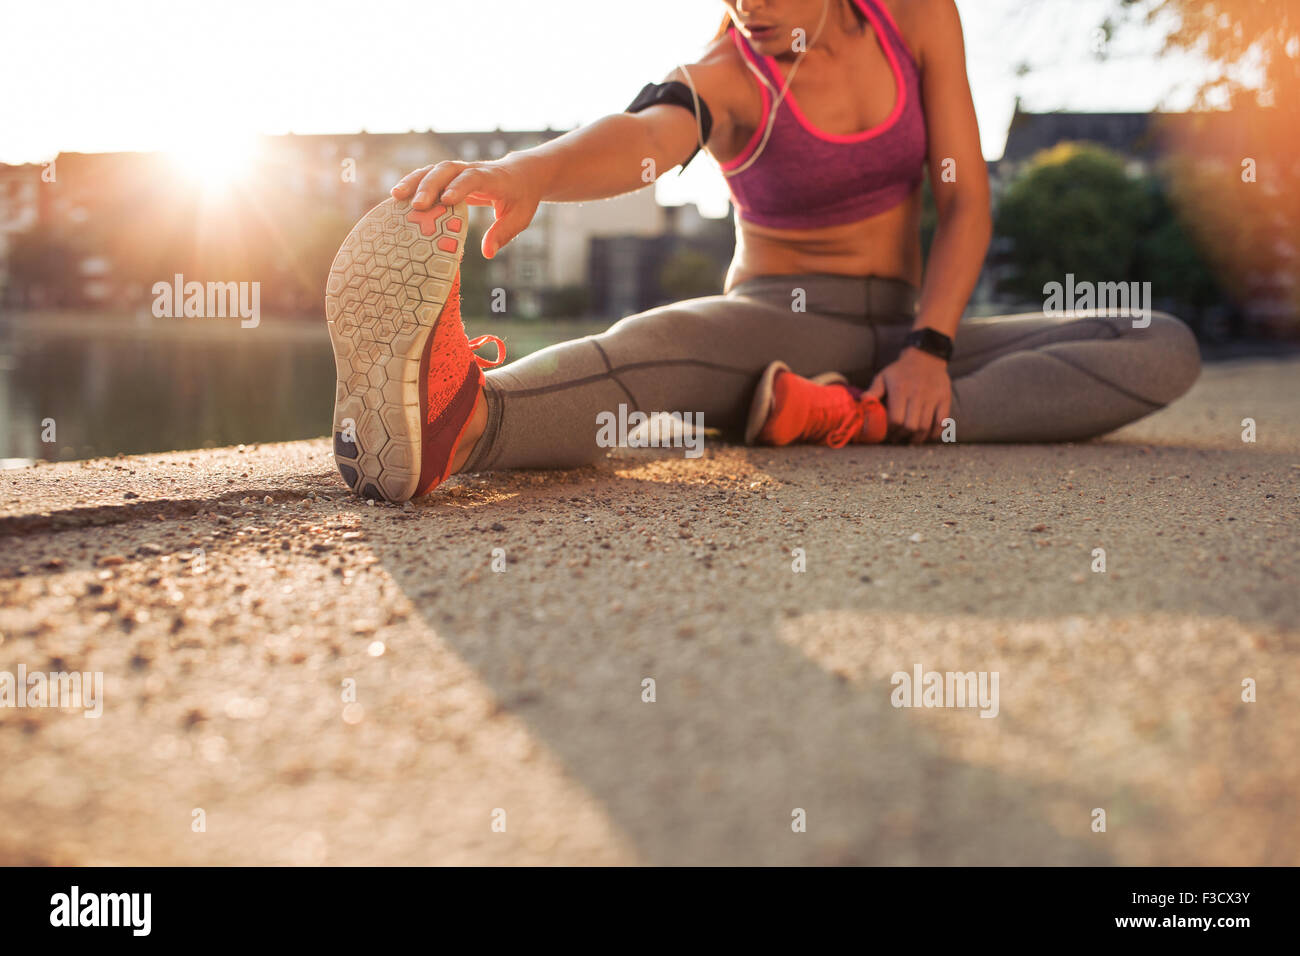 Schuss von weiblichen Läufer dehnen Beine vor dem tun ihrer Sommer-Training zugeschnitten. Frau Aufwärmen Stockbild